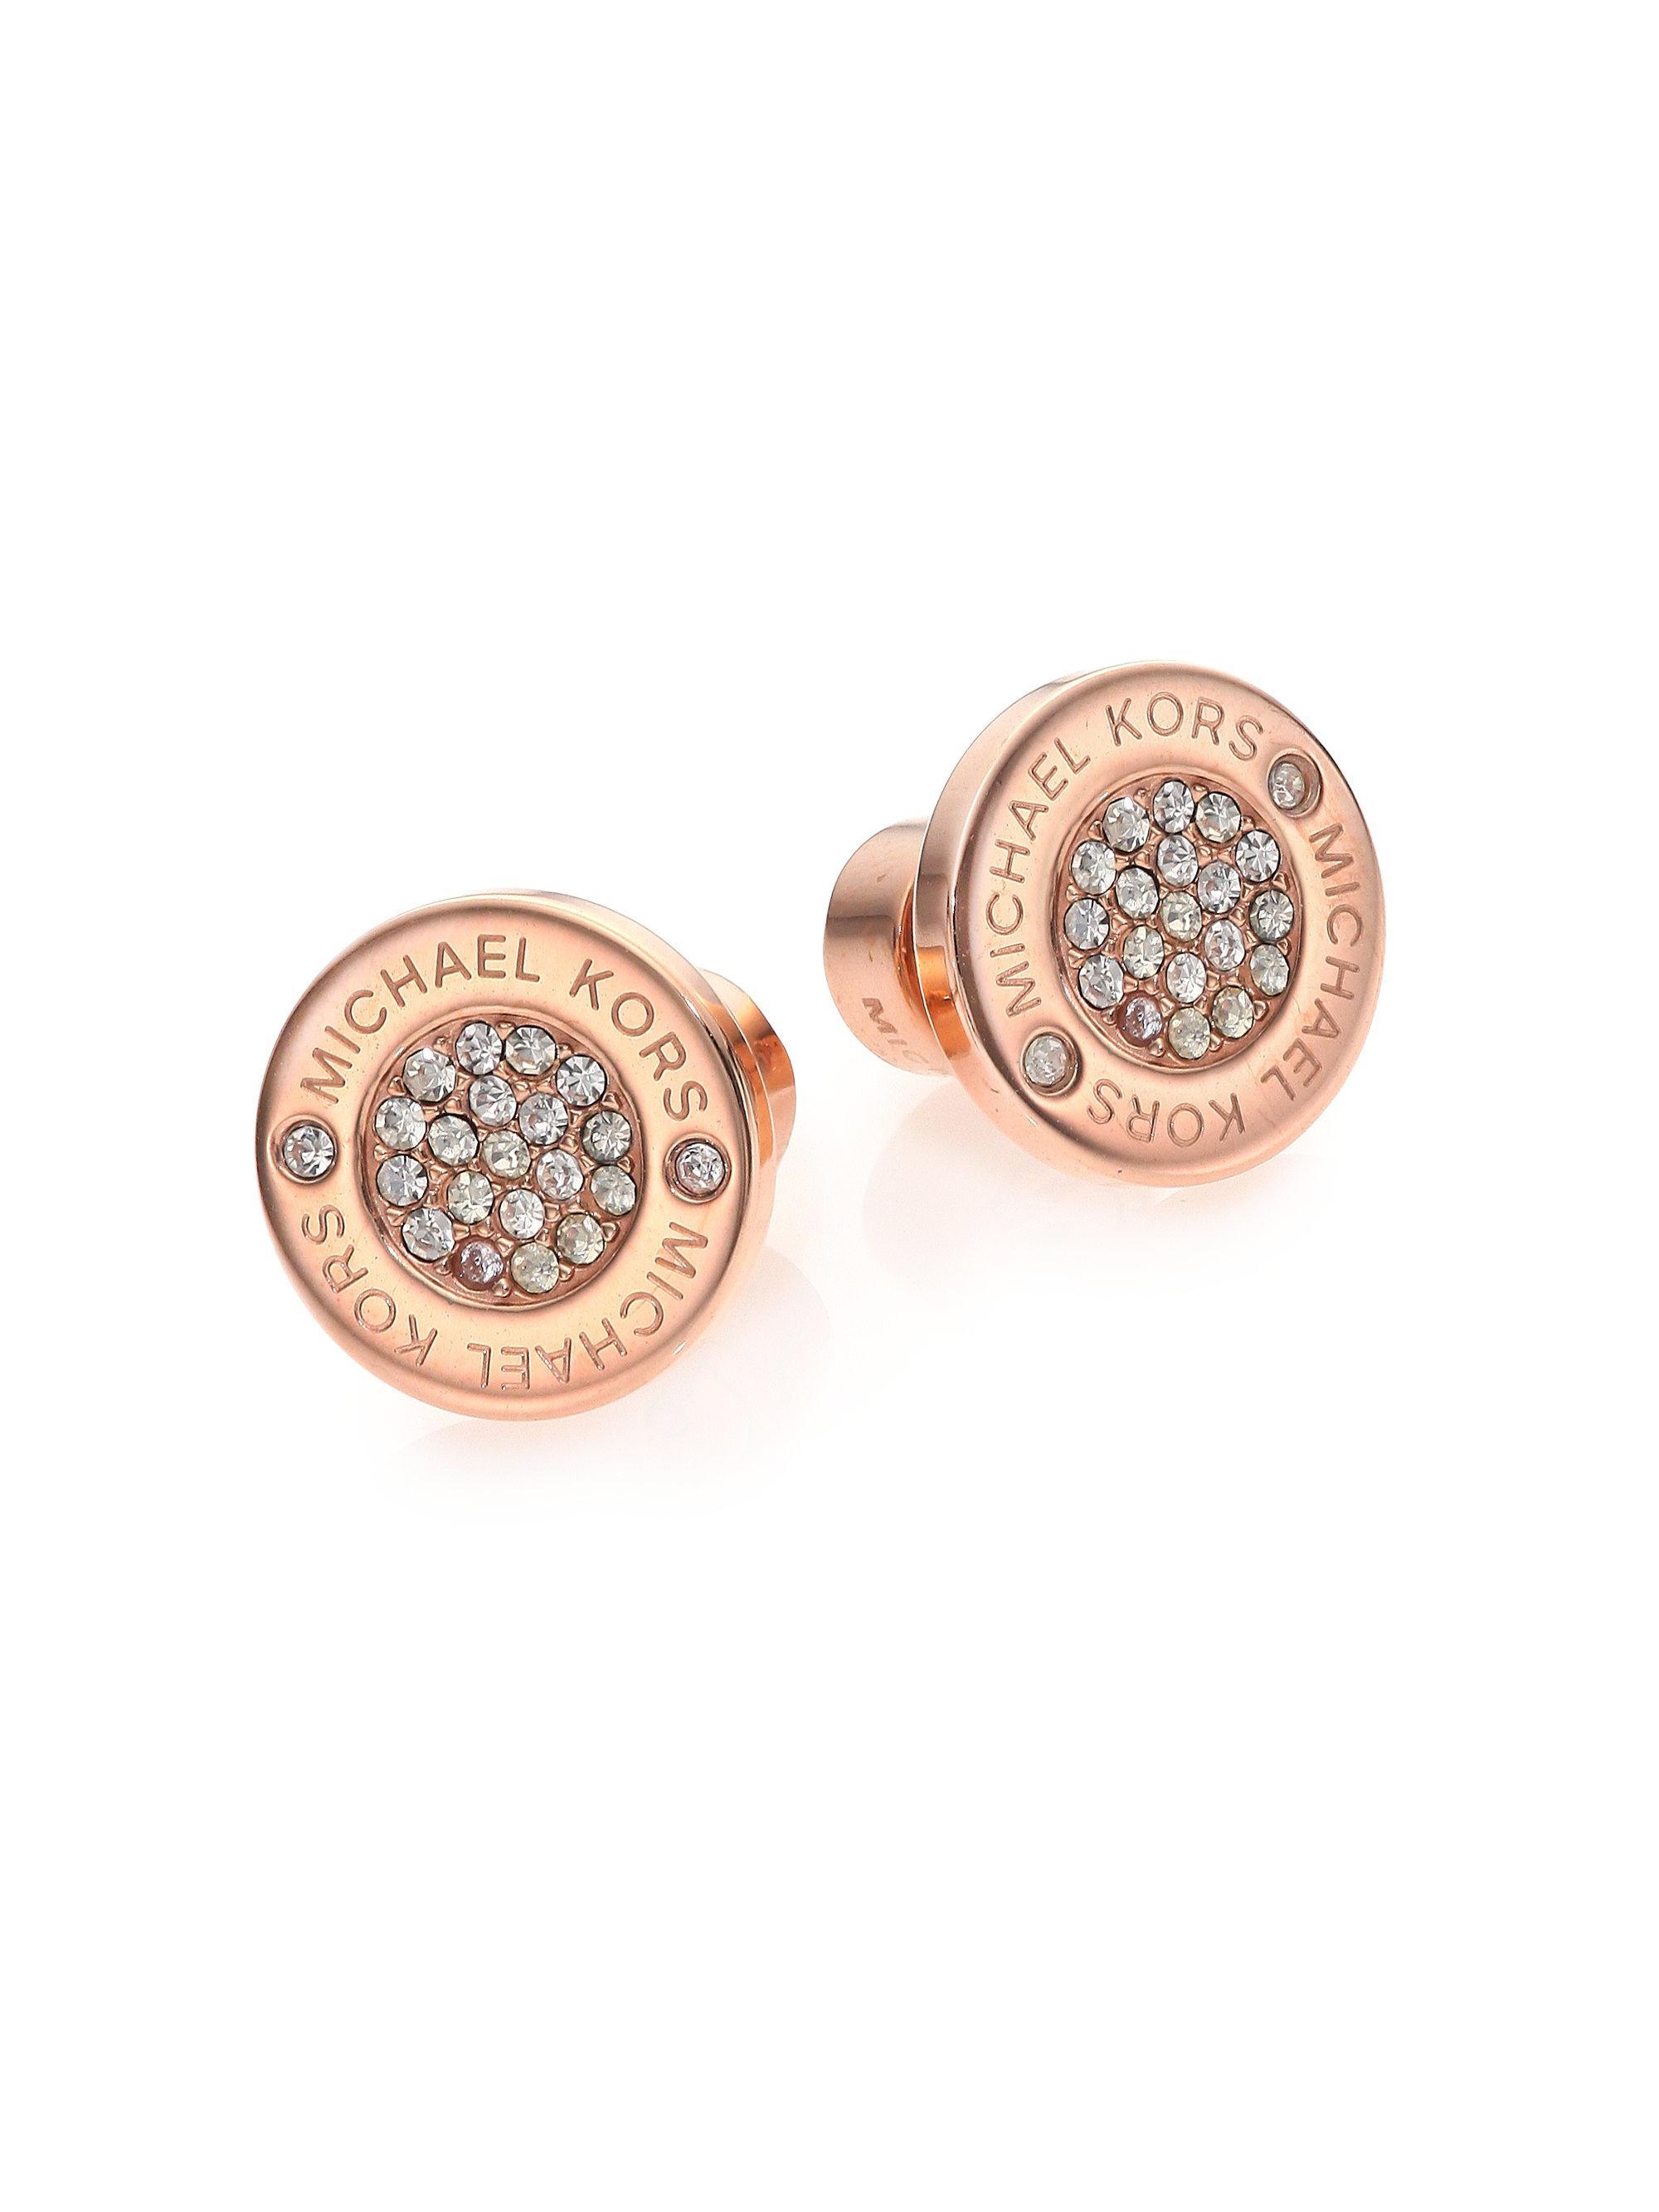 3c7d8d4c6869 Michael Kors Logo Rose Gold Stud Earrings - Best All Earring Photos ...